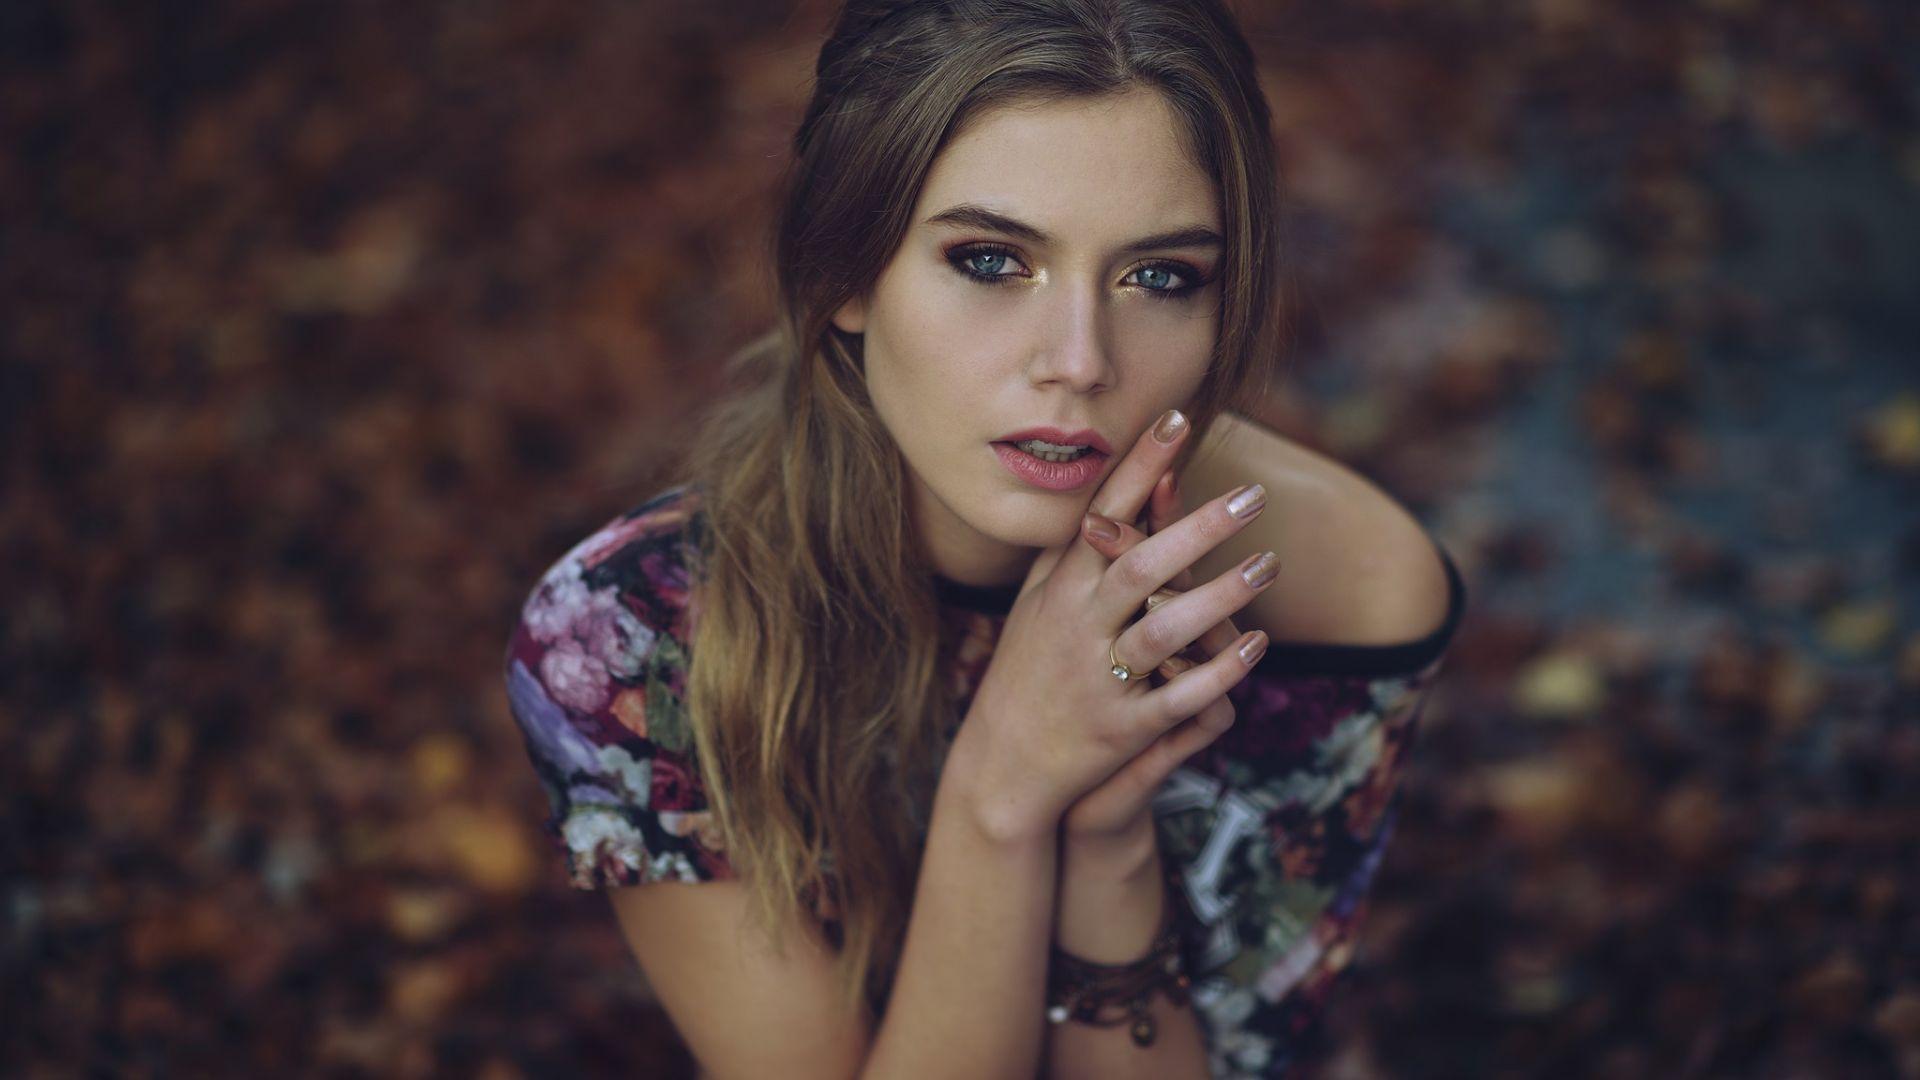 Wallpaper Camille Rochette, Brunette, model